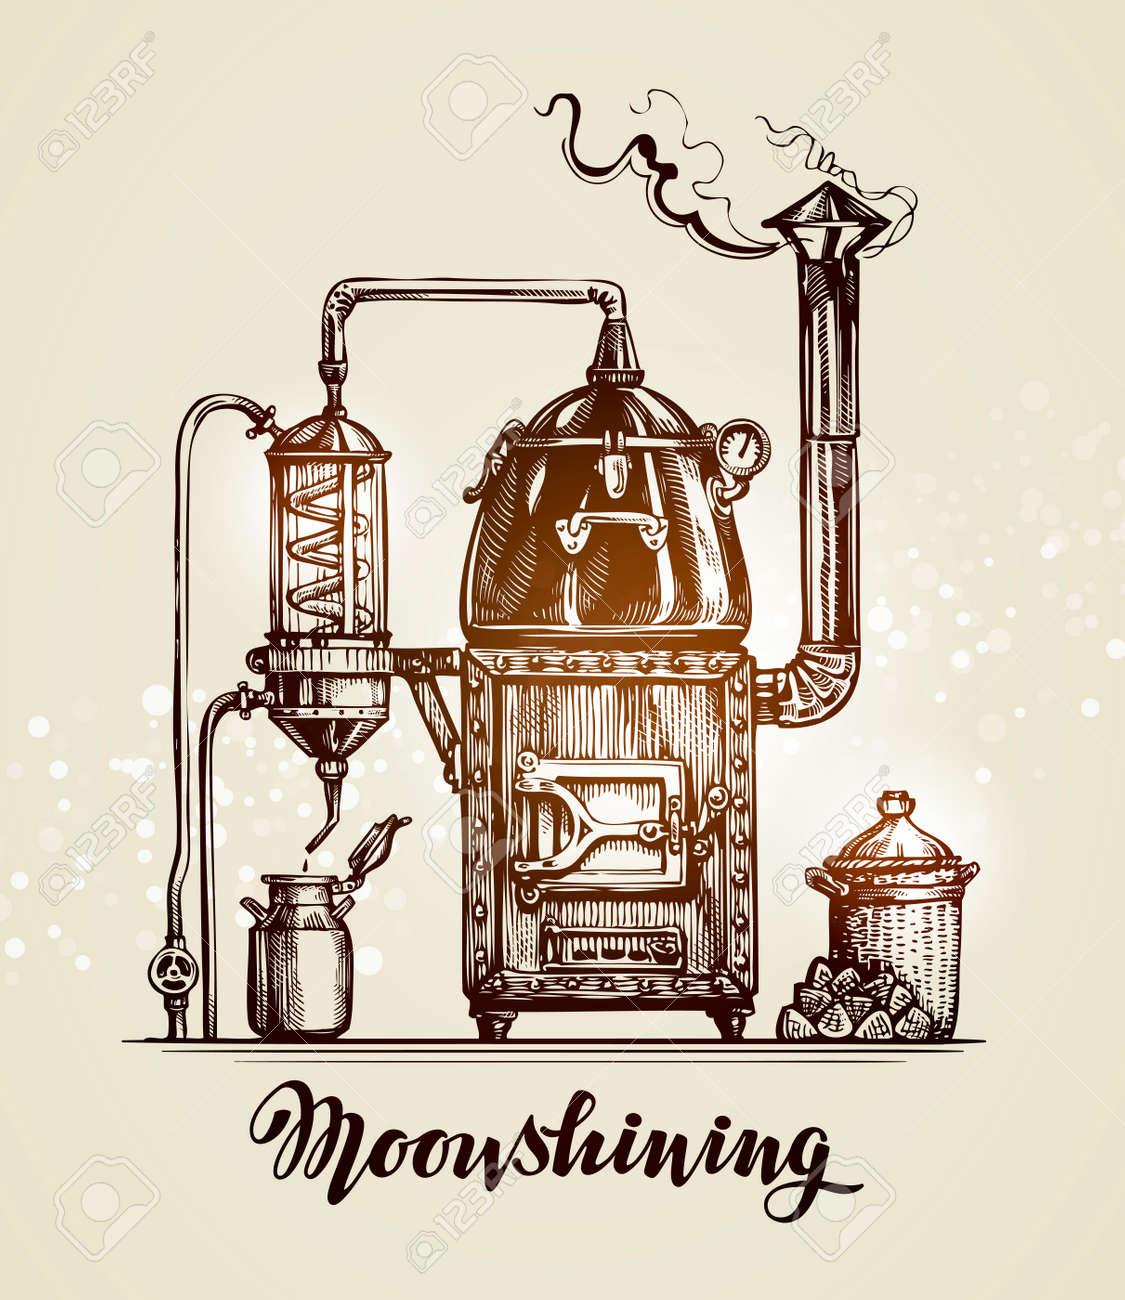 Moonshining. Vintage hooch art sketch. Vector illustration - 67209173